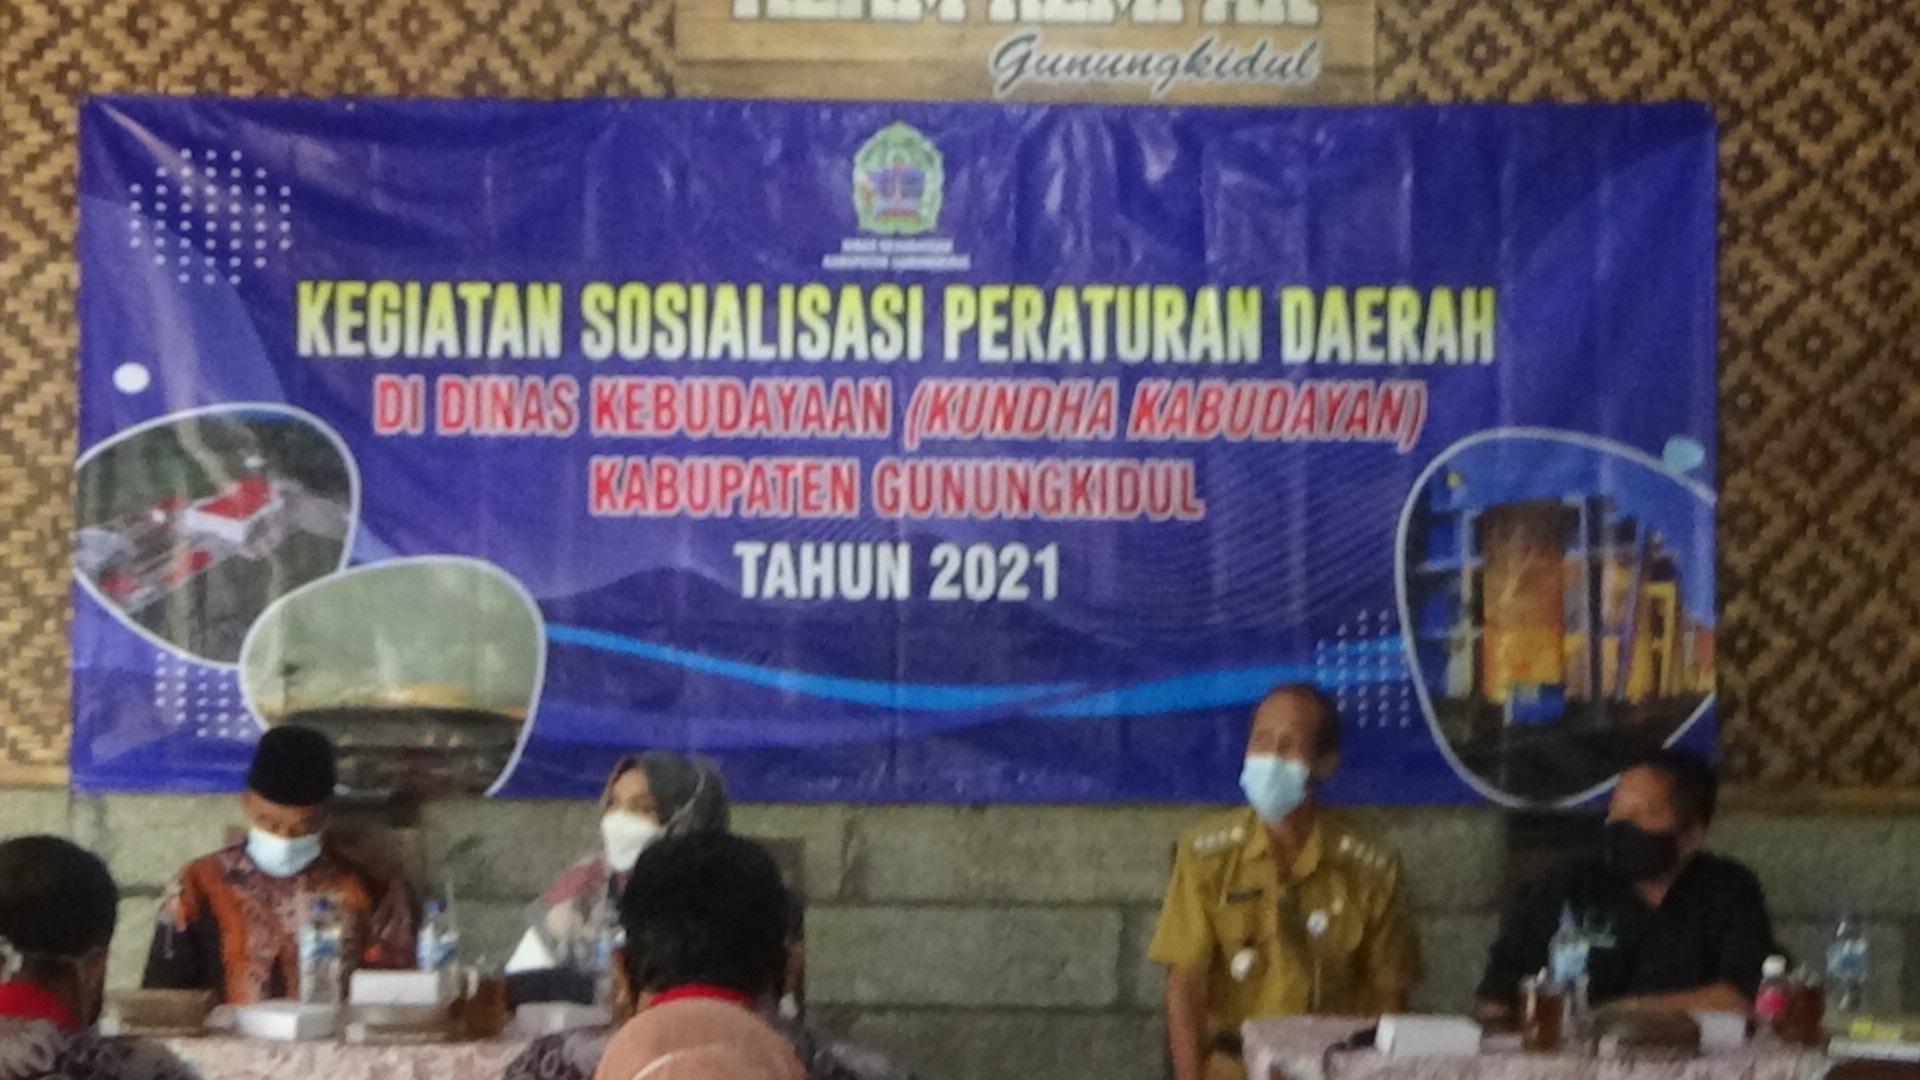 Sosialisasi Peraturan Daerah Tentang Pemeliharaan Dan Pengembangan Kebudayaan